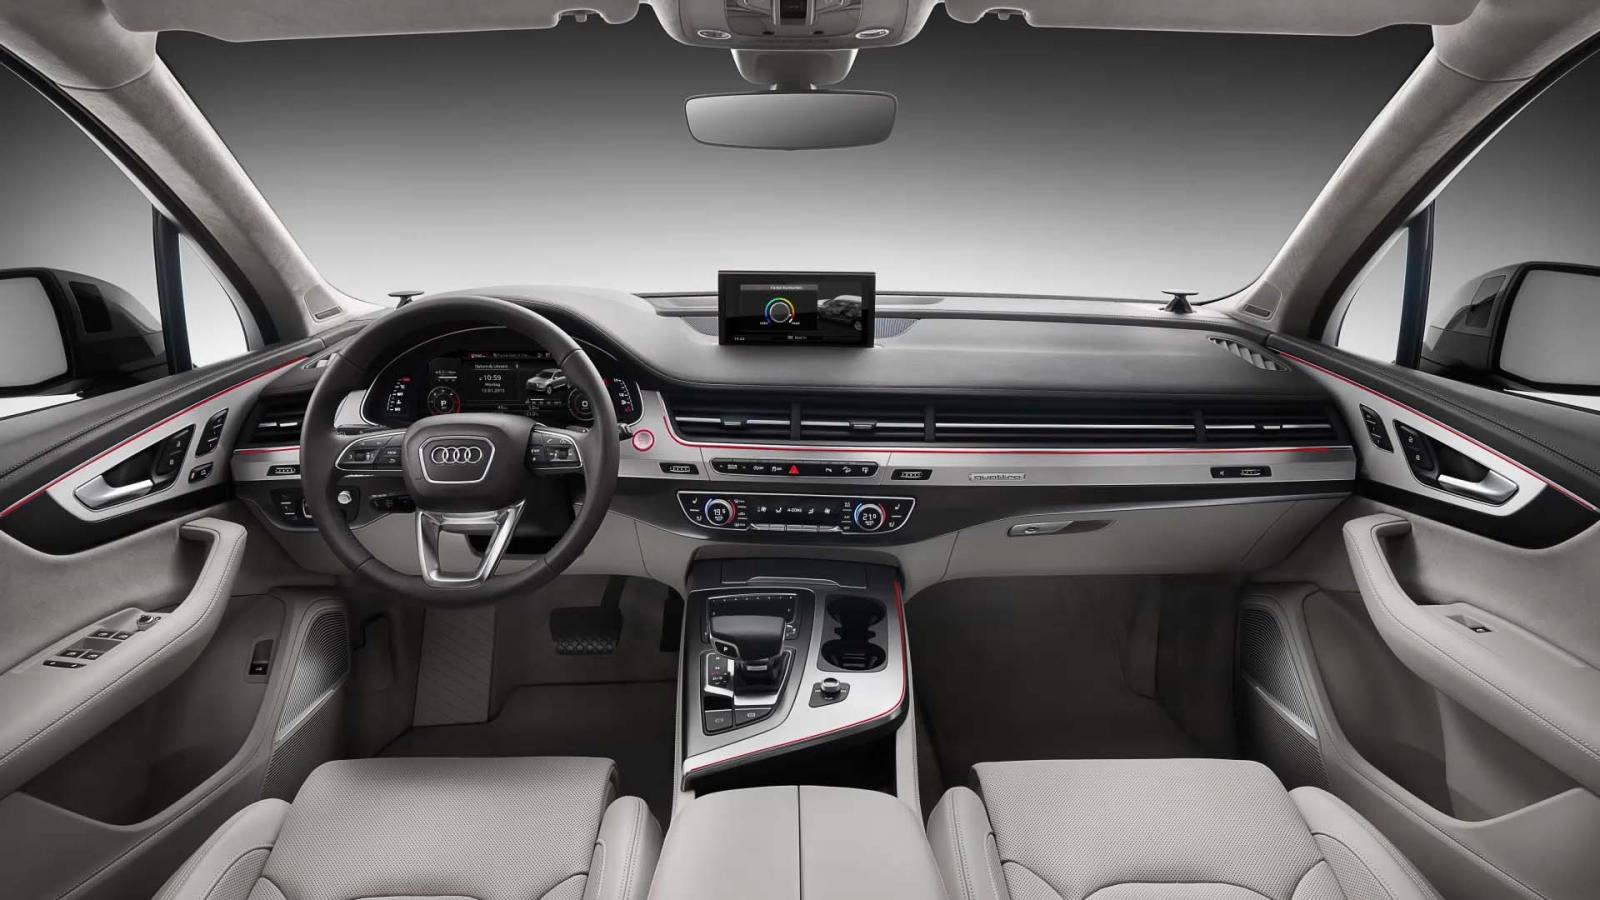 Los interiores de la Audi Q7 2019 precio en México lucen muy elegantes